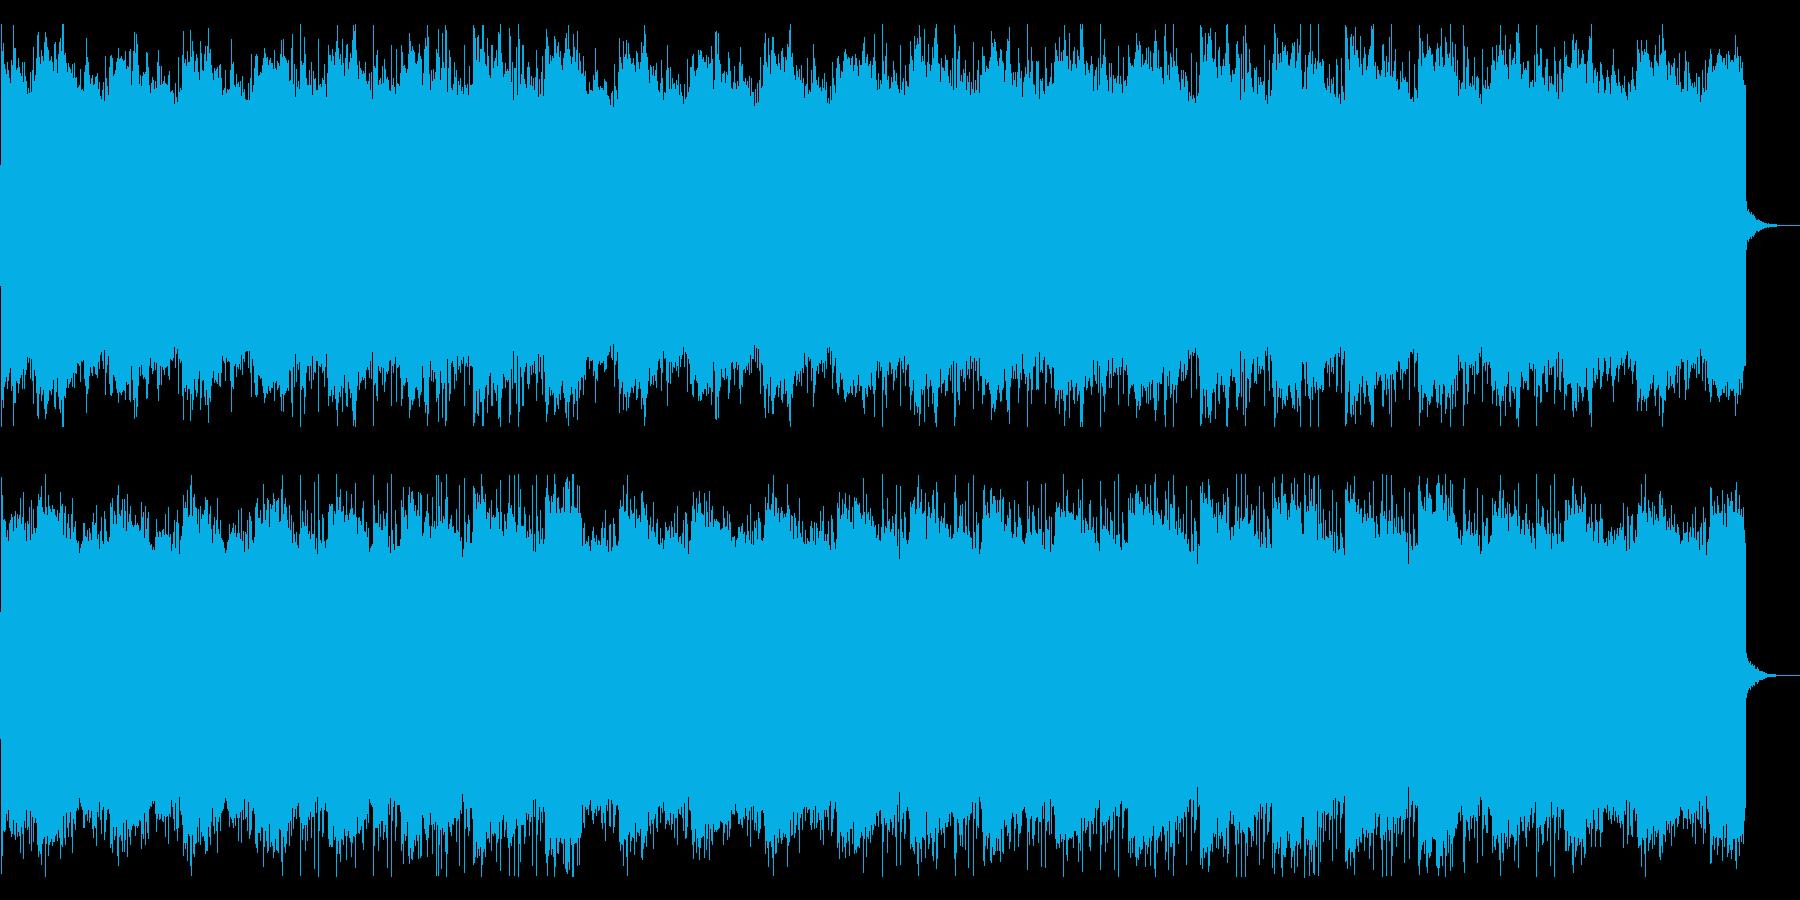 ホラー/禍々しい_No683_1の再生済みの波形